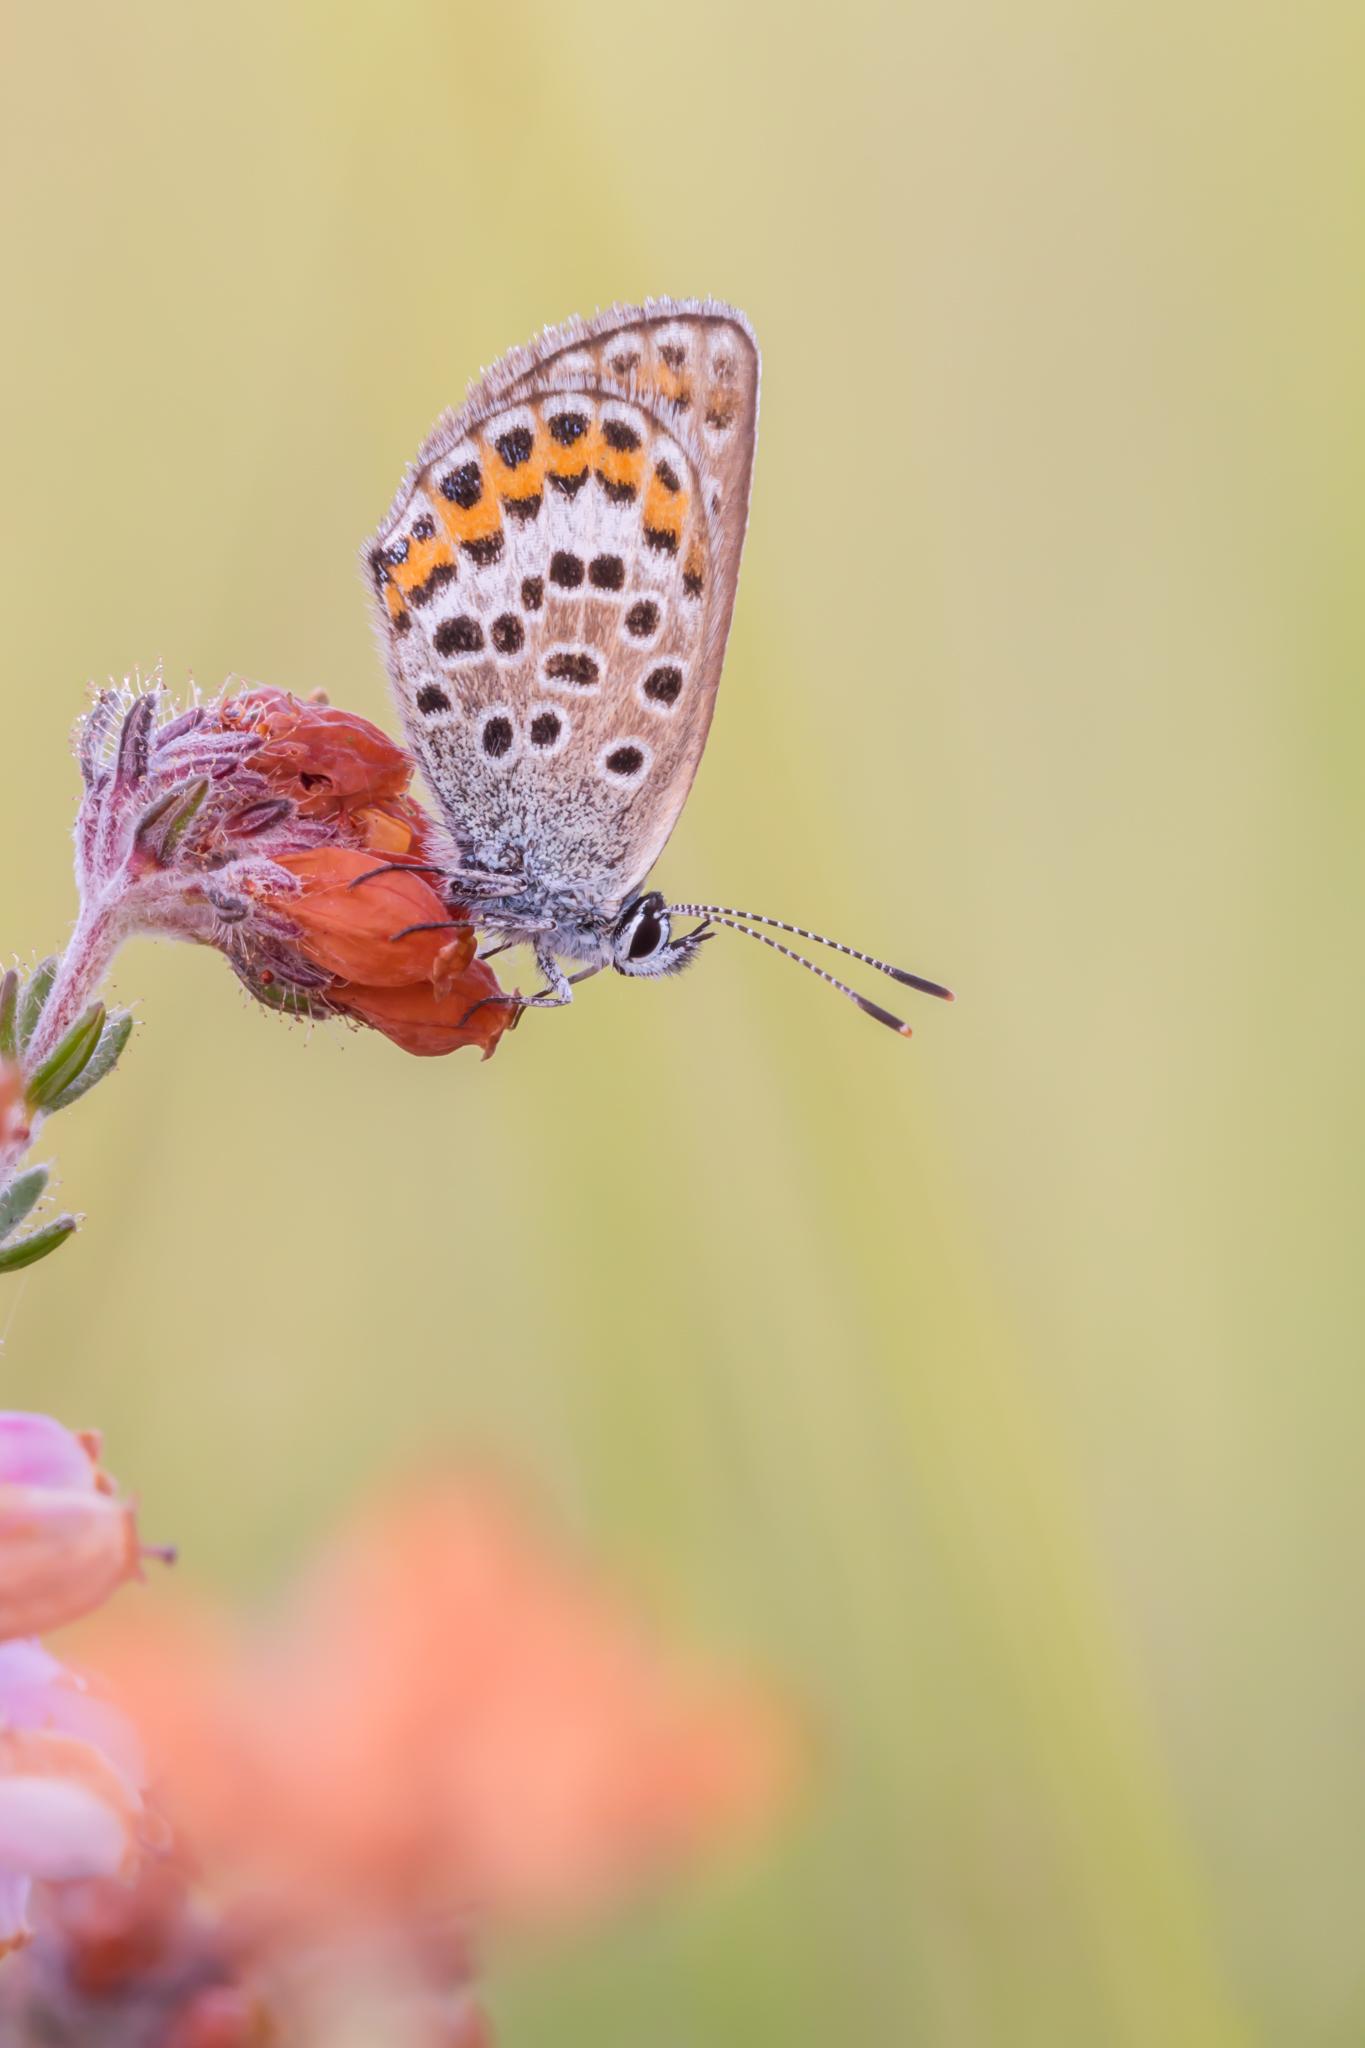 Heideblauwtje, Heide, Blauwtje, Vlinder, Vlinders, Insect, Insecten, Dopheide, Fotografie, Natuurfotografie, Macro, Macrofotografie